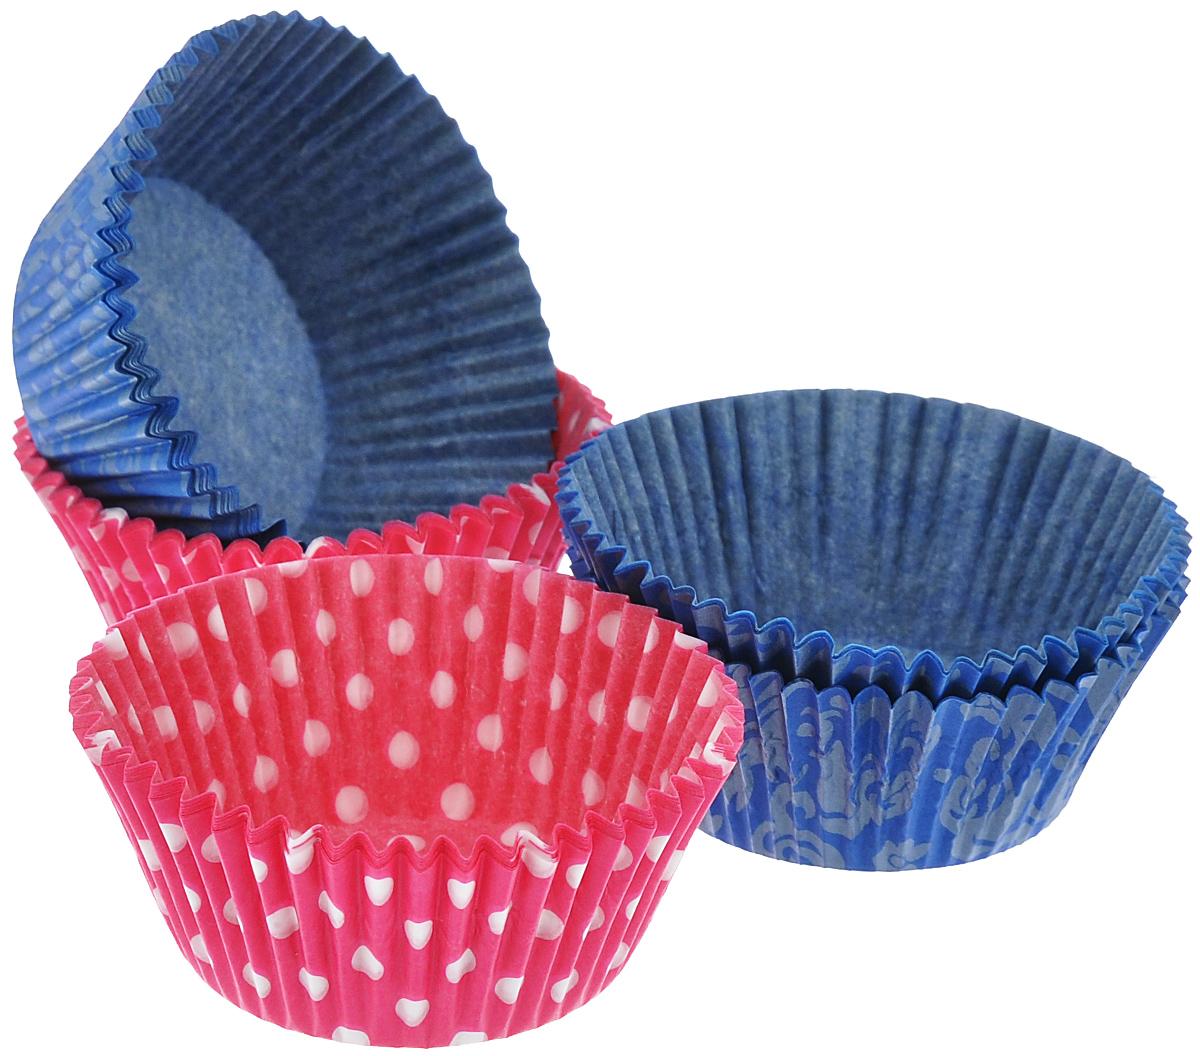 Набор форм для выпечки кексов Marmiton Классика, цвет: синий, розовый, белый, 50 шт11346_розовый, синийФормы для выпечки кексов Marmiton Классика изготовлены из пищевого термостойкого пергамента и предназначены для выпечки и упаковки кондитерских изделий. В наборе - 50 штук. Формы не требуют предварительной смазки маслом, жиром. Для одноразового применения. Изделия декорированы узорами в классическом стиле. Пригодны для использования в микроволновых, газовых и электрических печах. Диаметр по нижнему краю: 50 мм. Диаметр по верхнему краю: 70 мм. Высота формы: 30 мм.